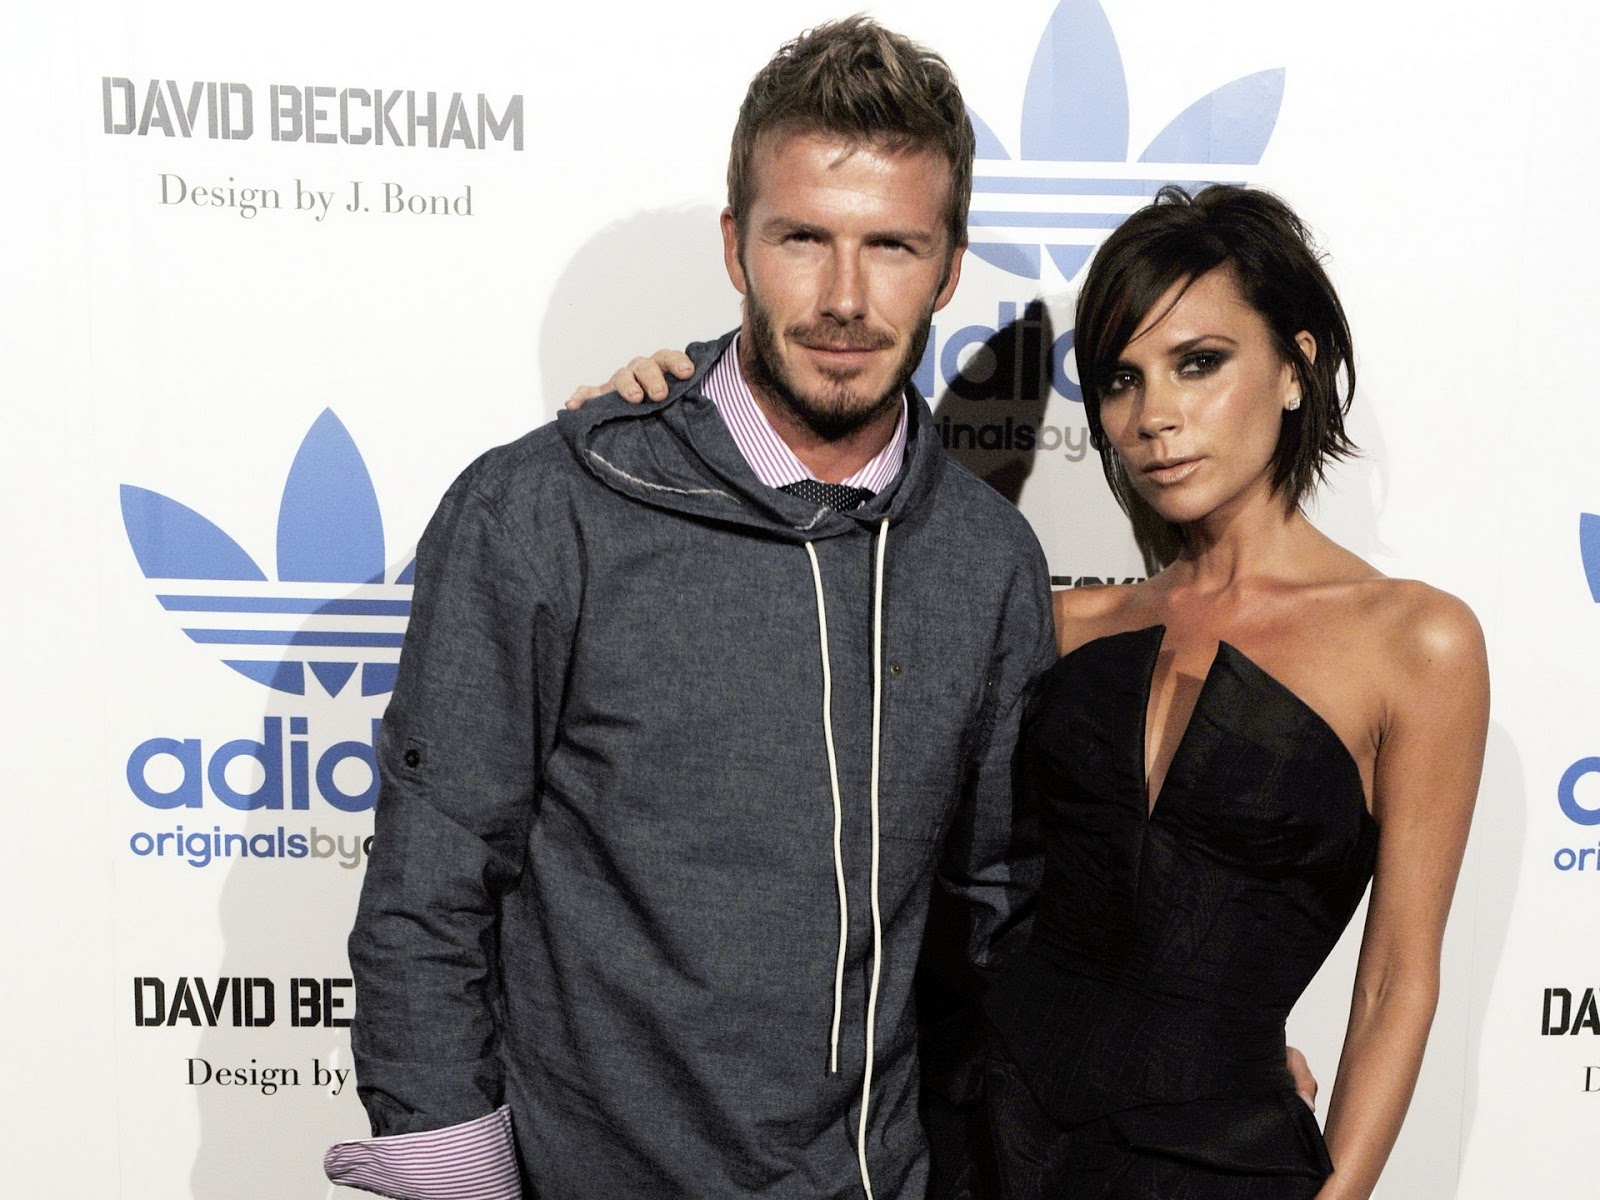 http://4.bp.blogspot.com/-jKs0PwKFGC8/UTCpLTYD67I/AAAAAAAA1rk/lIa4Y9CEhkI/s1600/David-Beckham-and-victoria.jpg